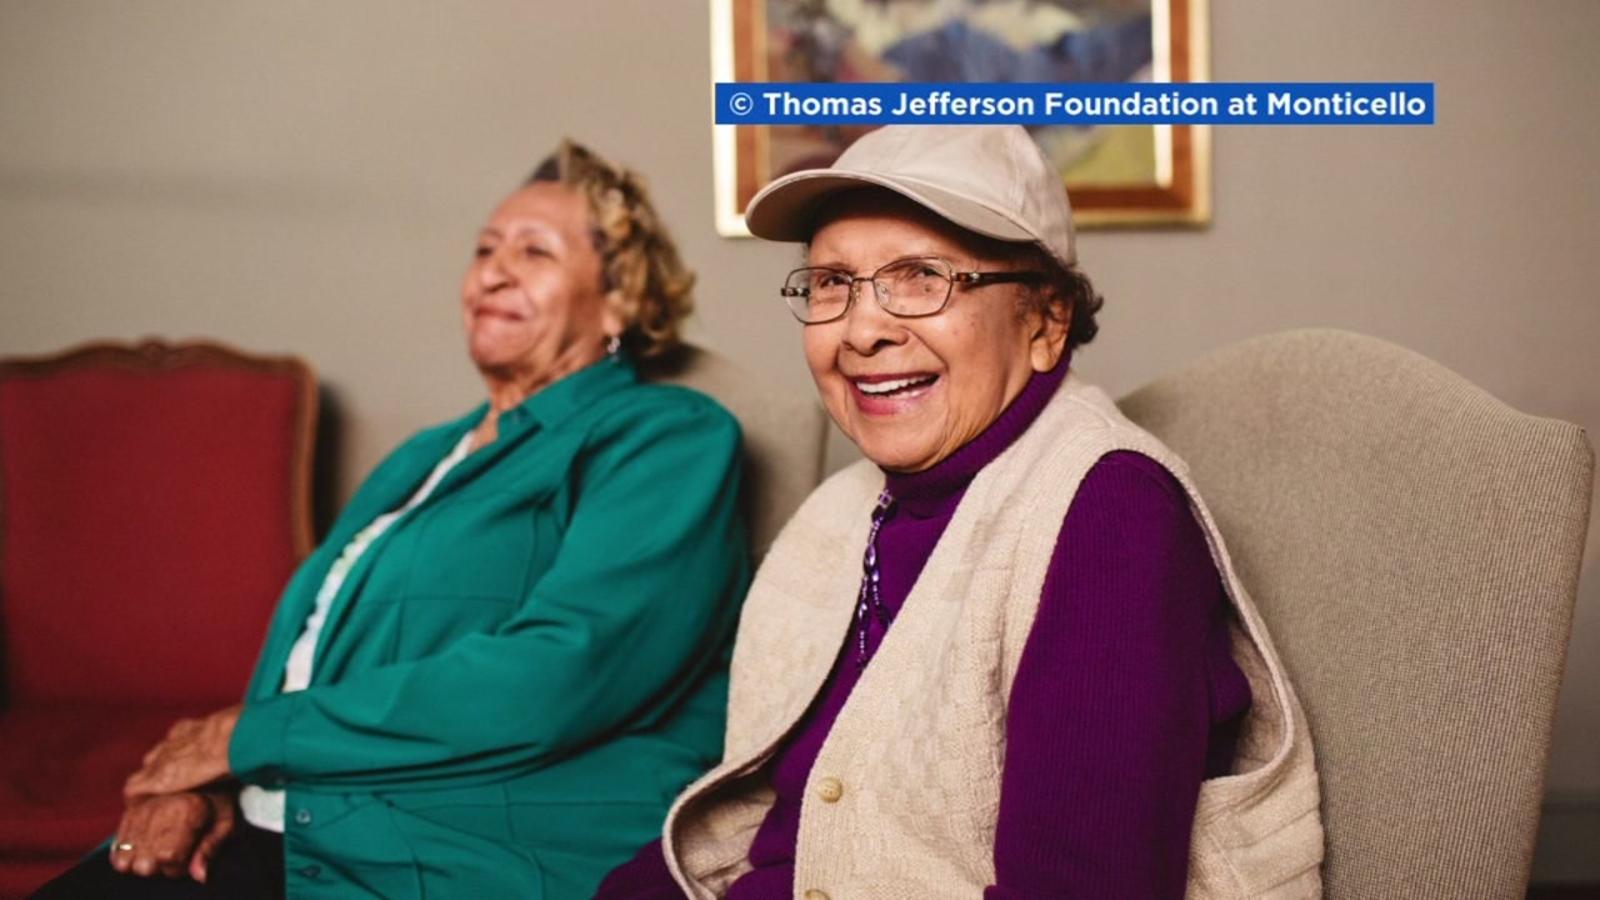 Family thomas life jefferson Thomas Jefferson